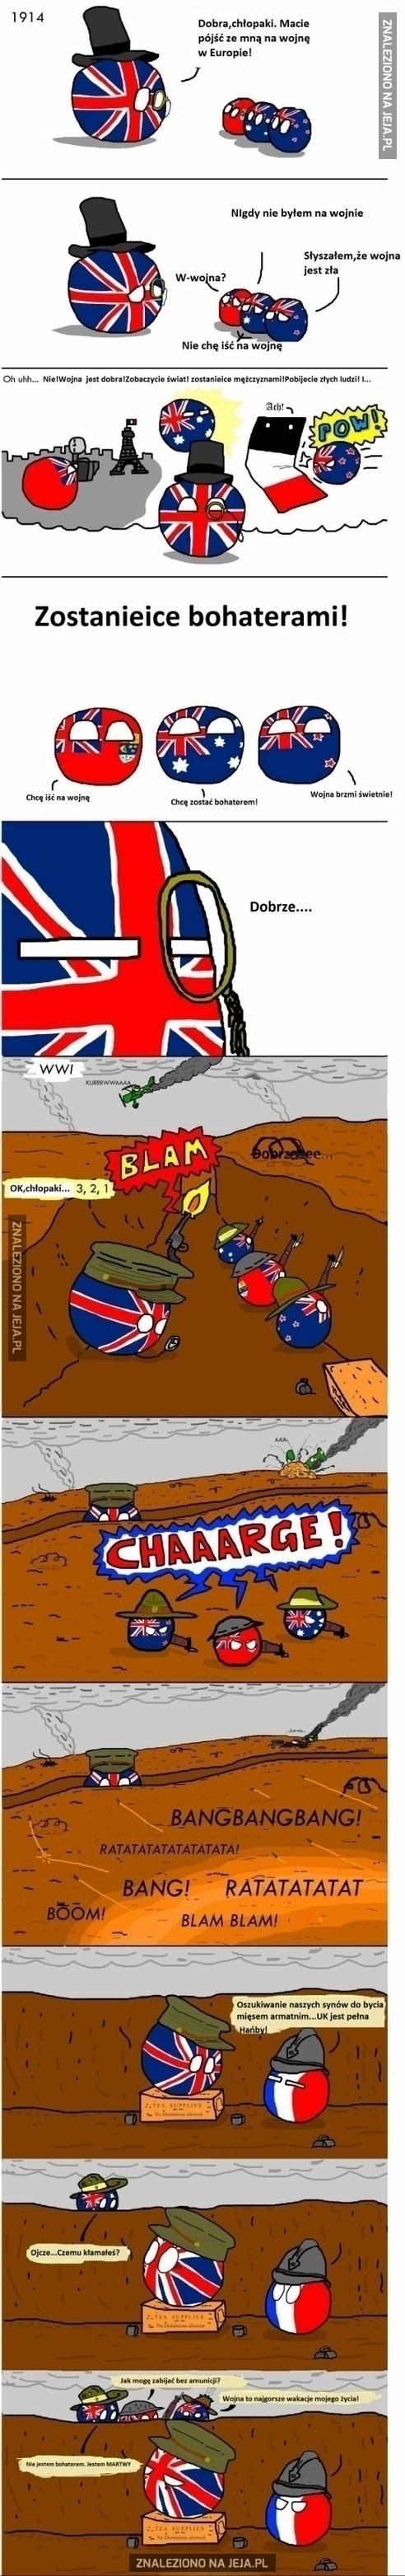 Wielka Brytania jest złym ojcem...